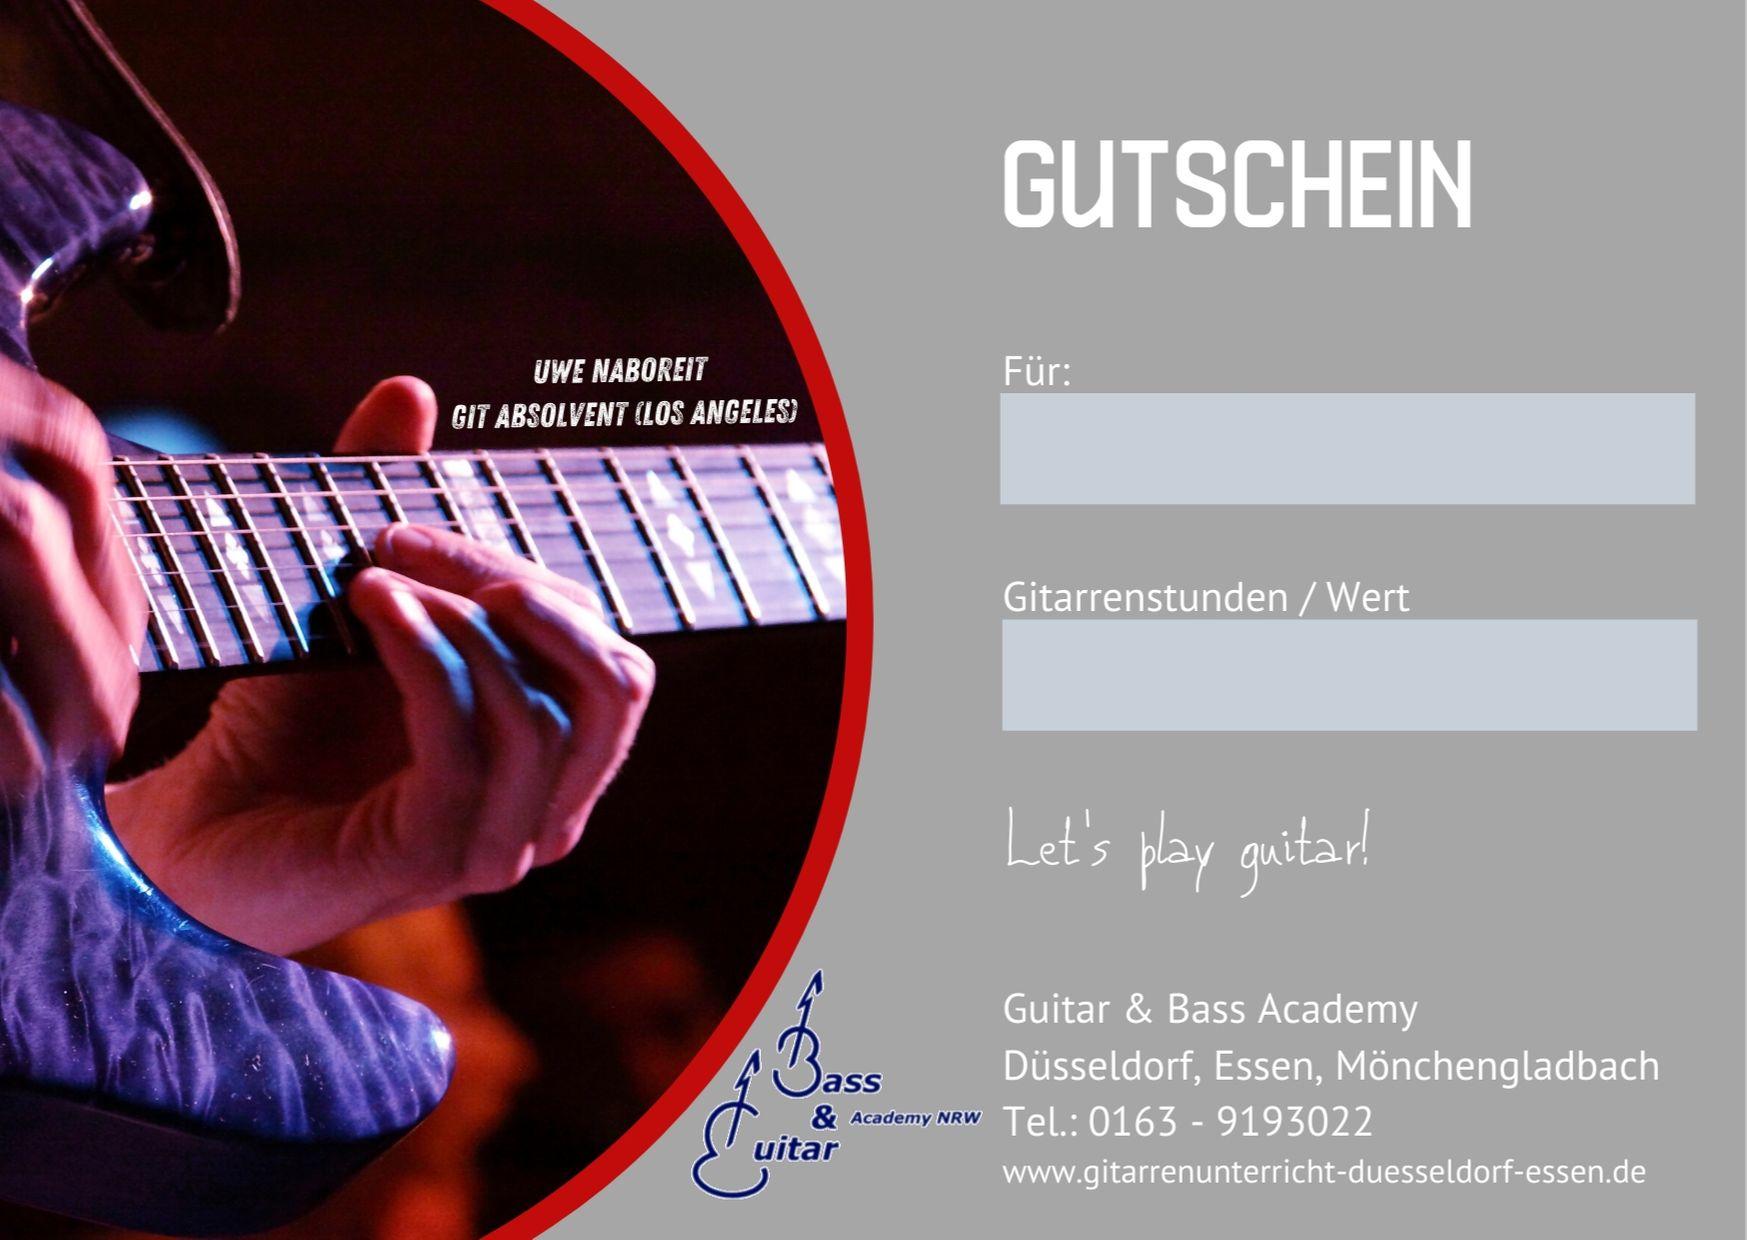 Gutschein Gitarrenunterricht Düsseldorf und Essen.